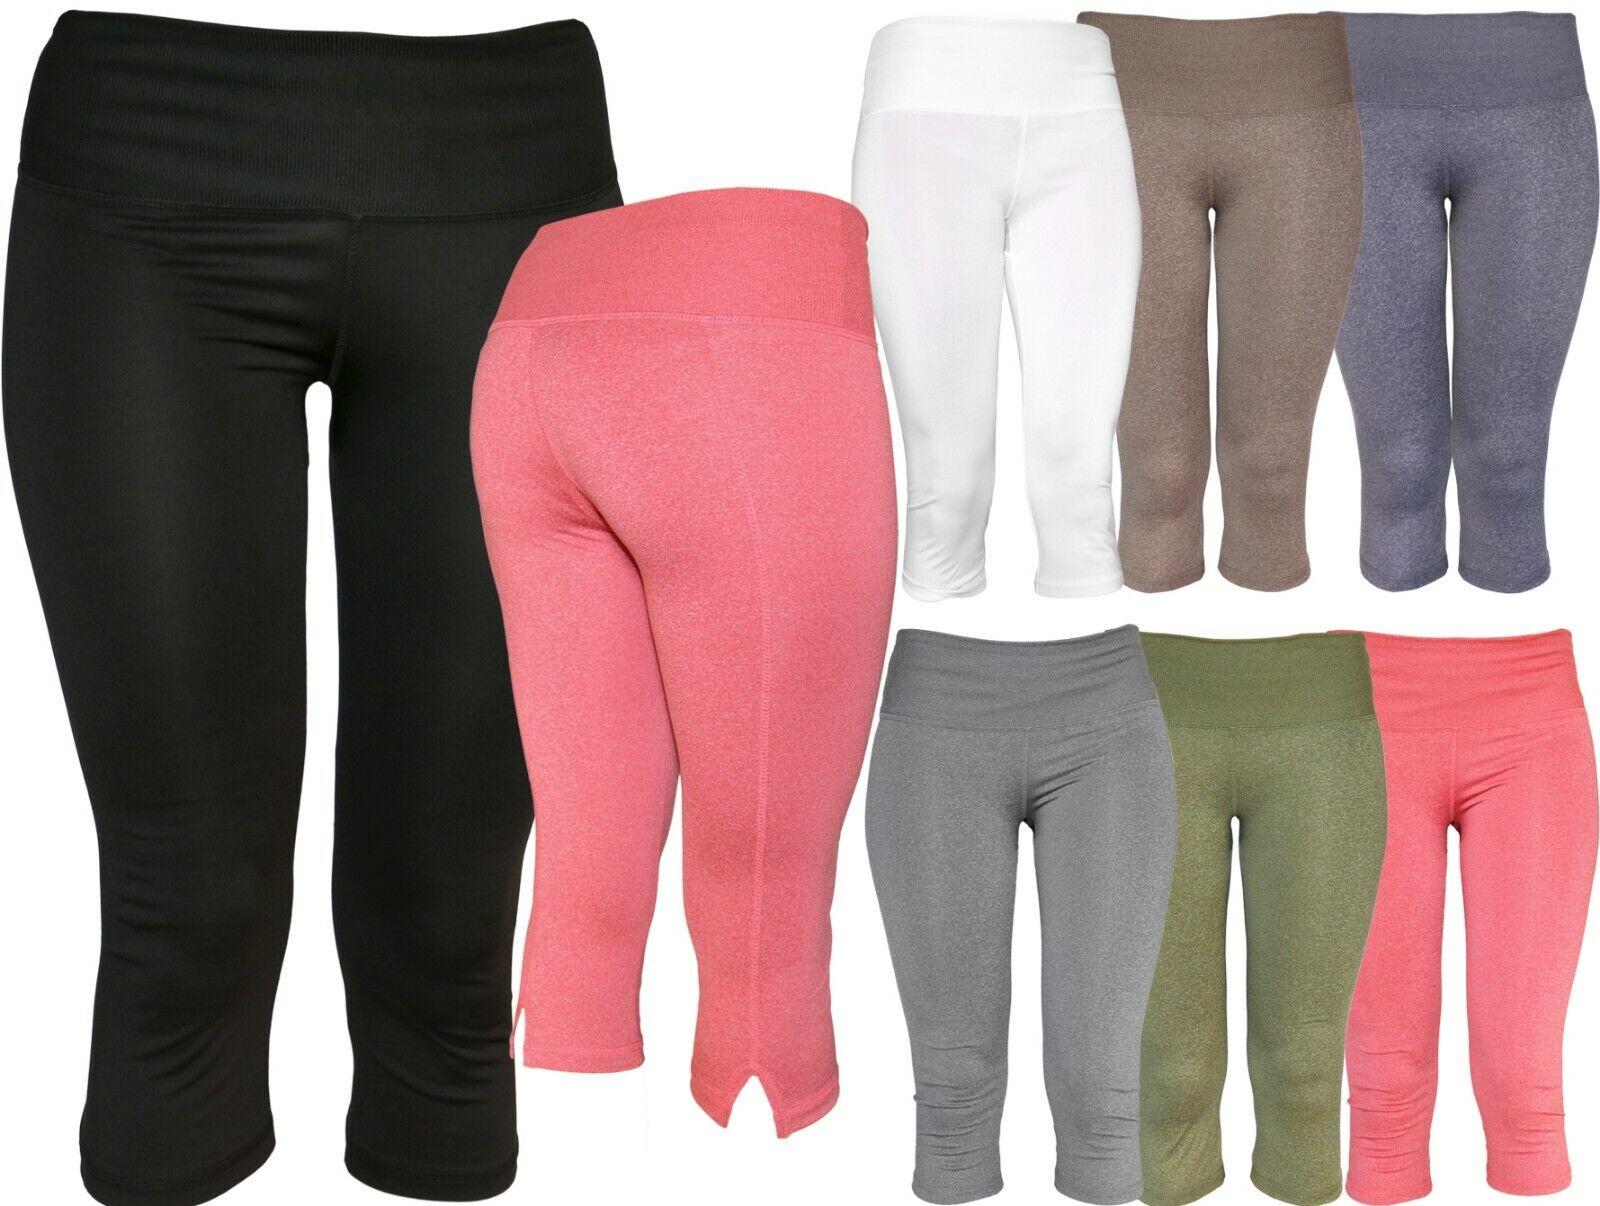 Women's Active Workout Capri Leggings Clothing, Shoes & Accessories